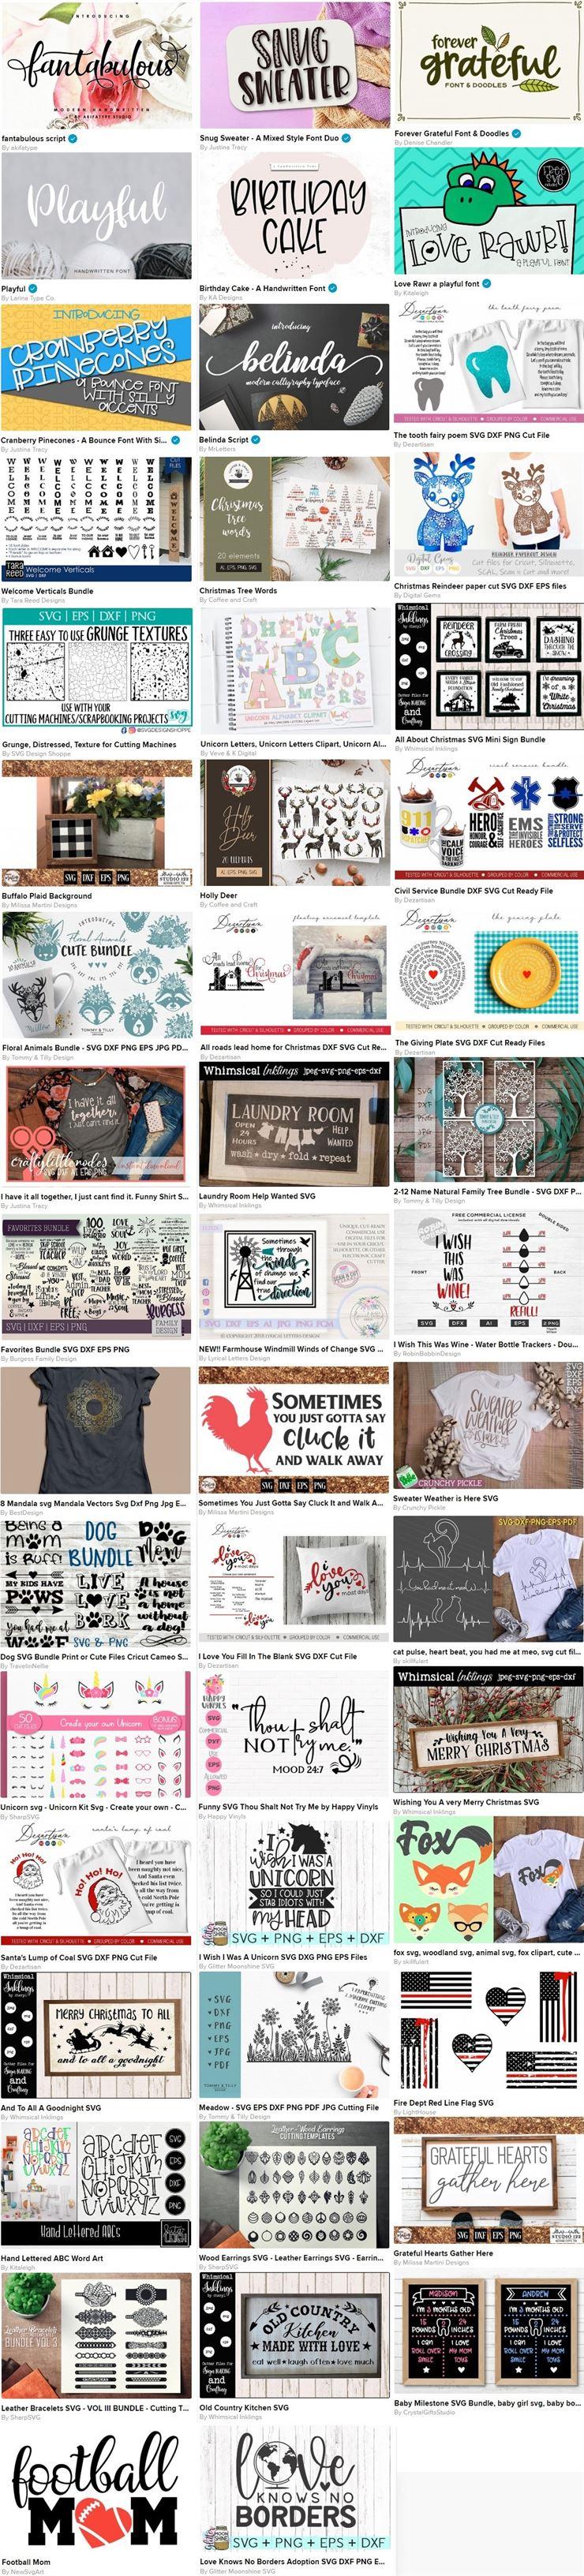 The Amazing Craft Bundle III Web3Canvas